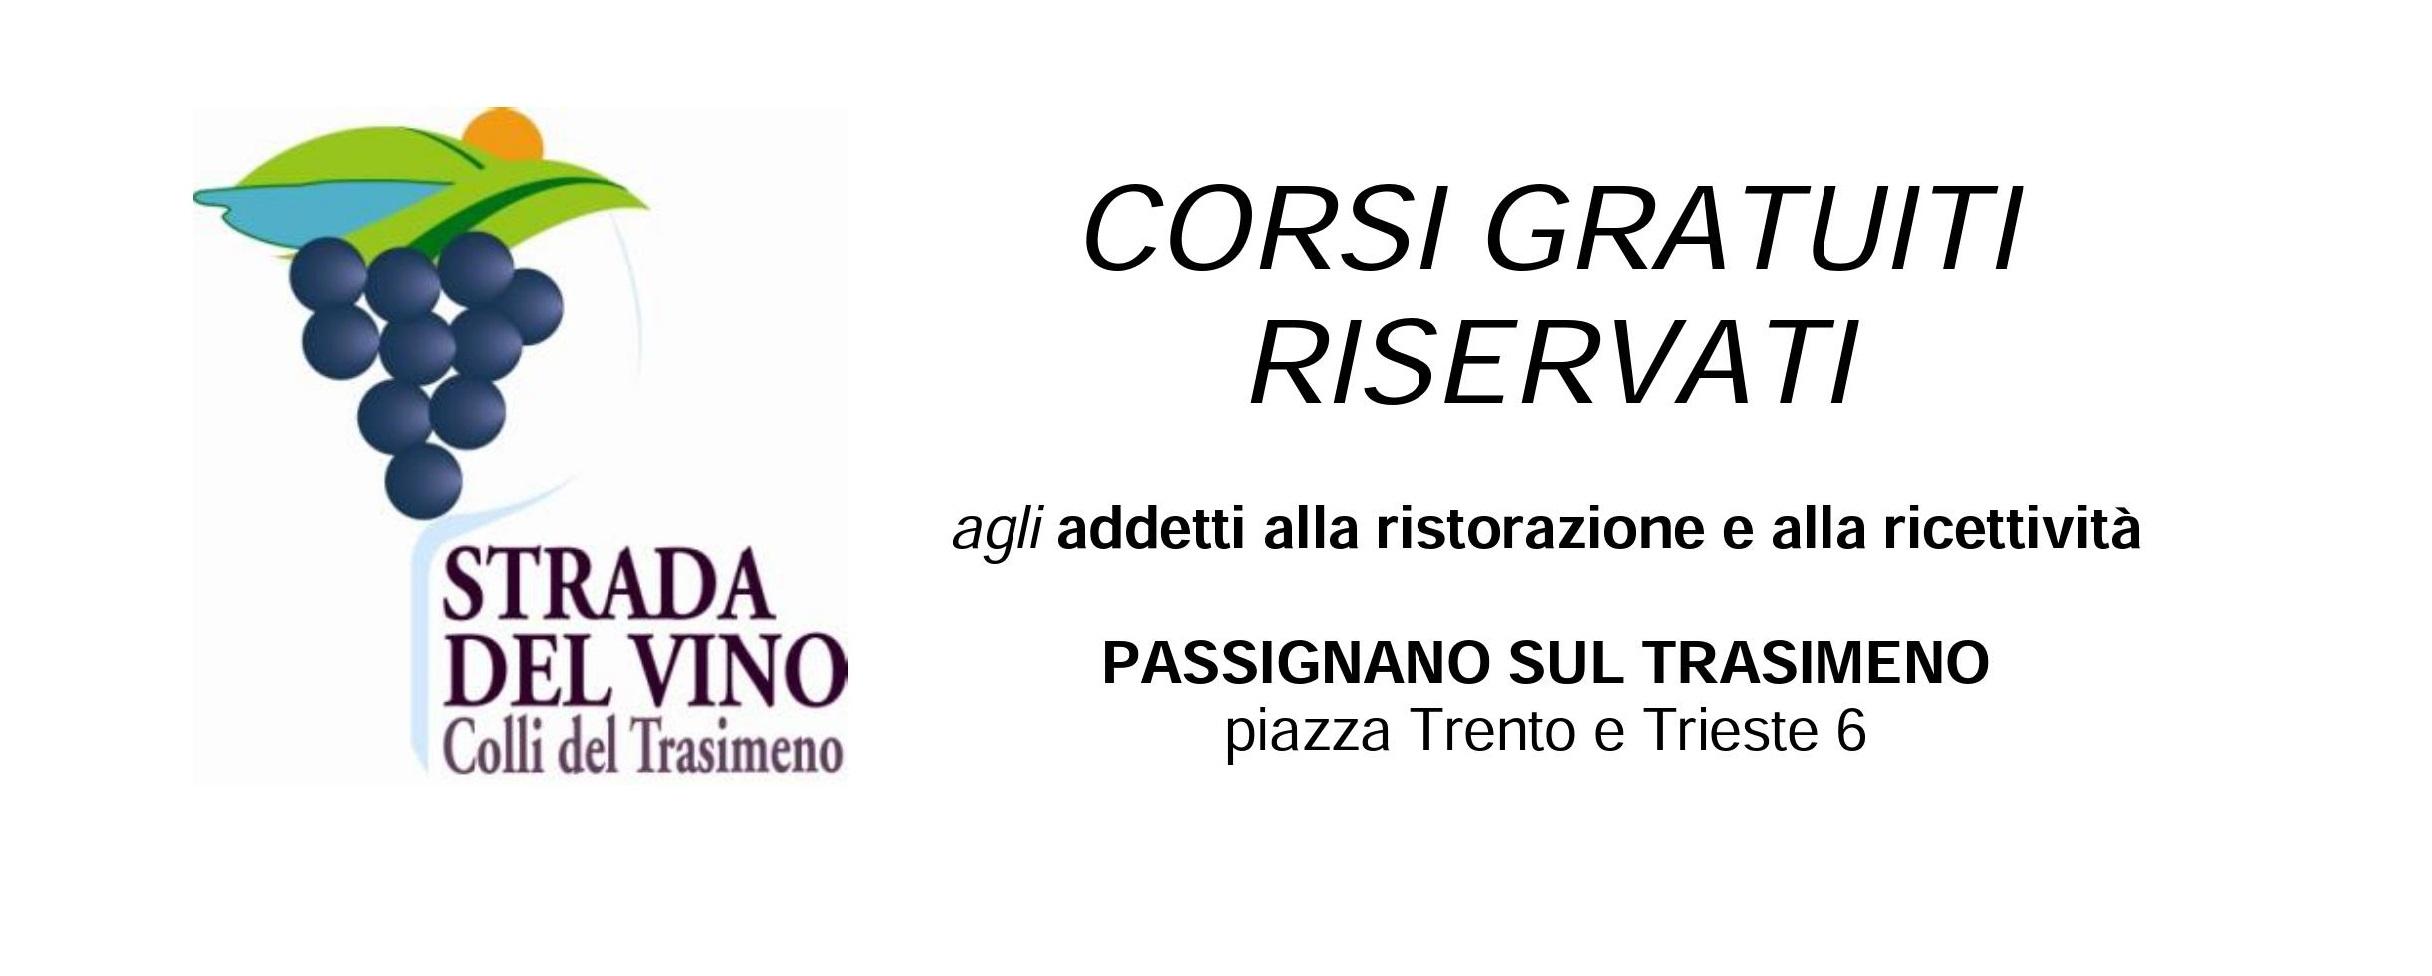 La Strada del vino Colli del Trasimeno organizza corsi gratuiti riservati agli addetti alla ristorazione e alla ricettività